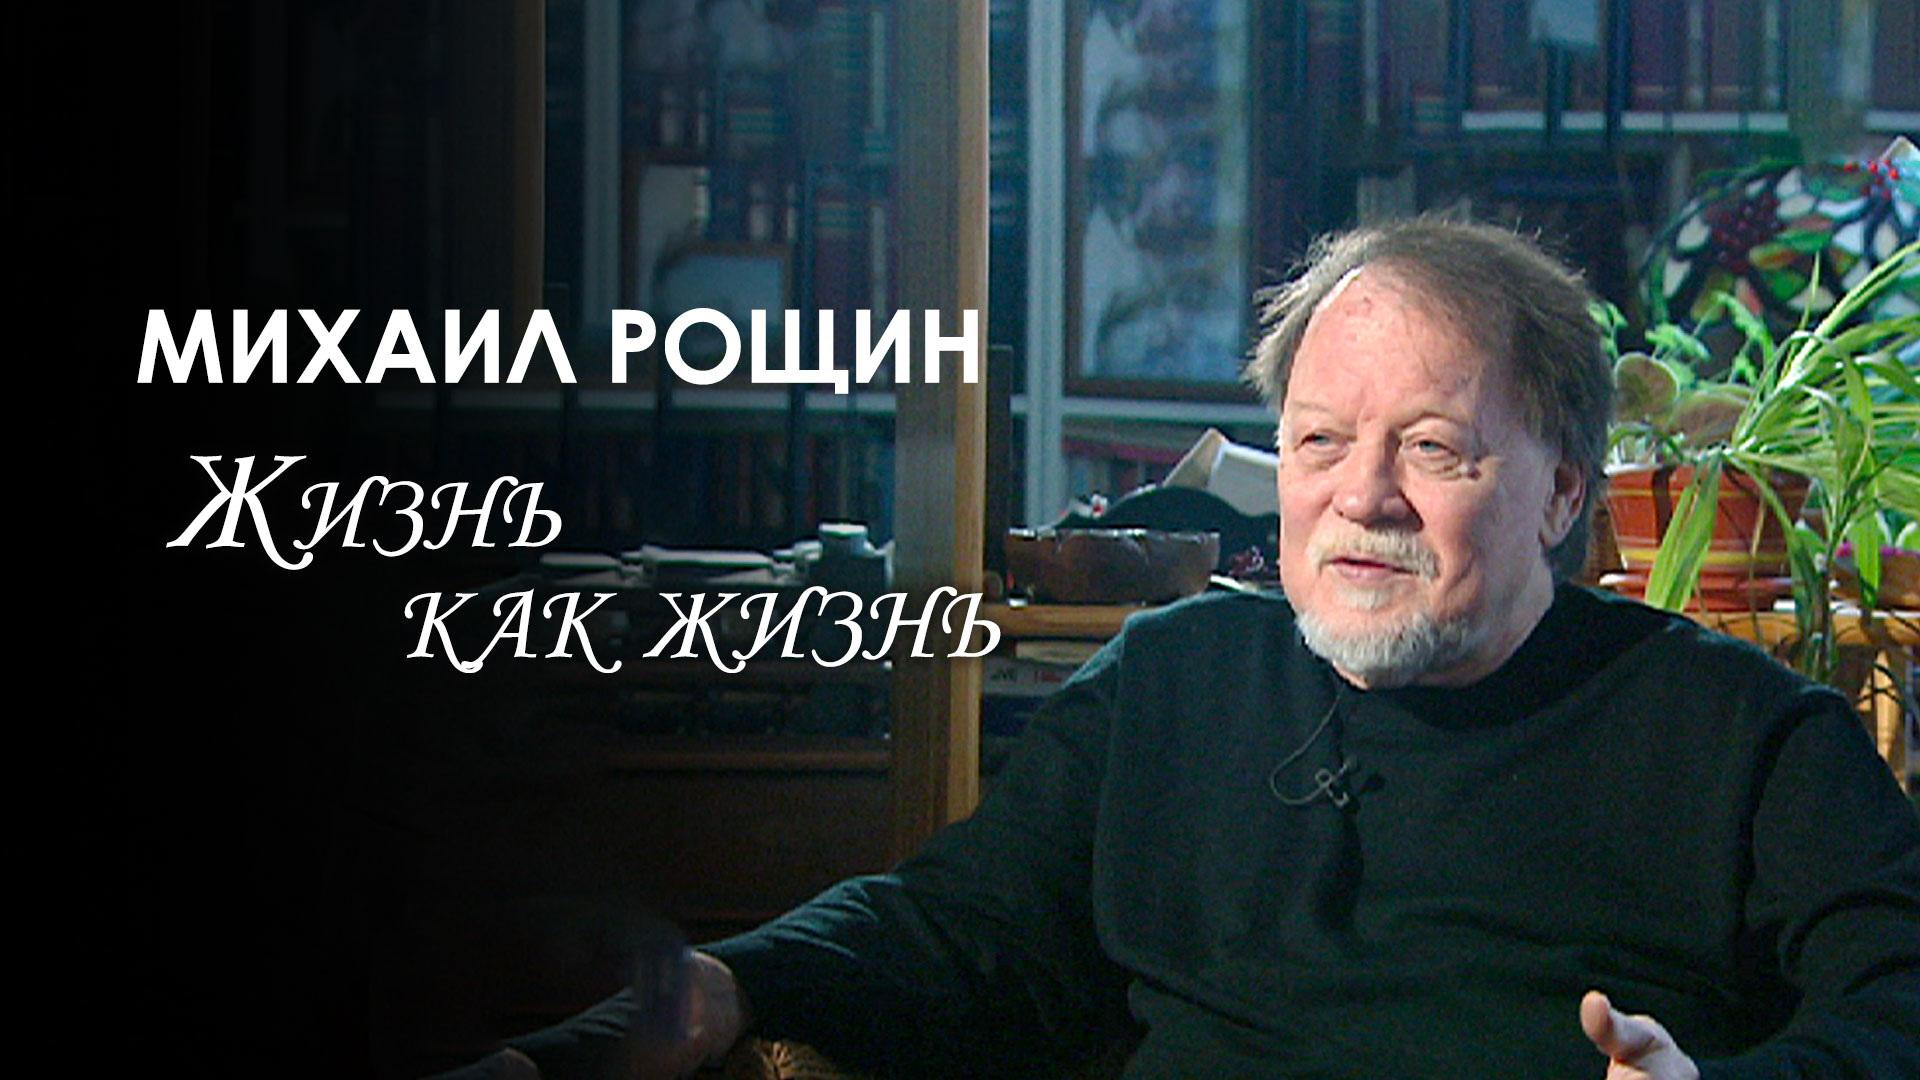 Михаил Рощин. Жизнь как жизнь